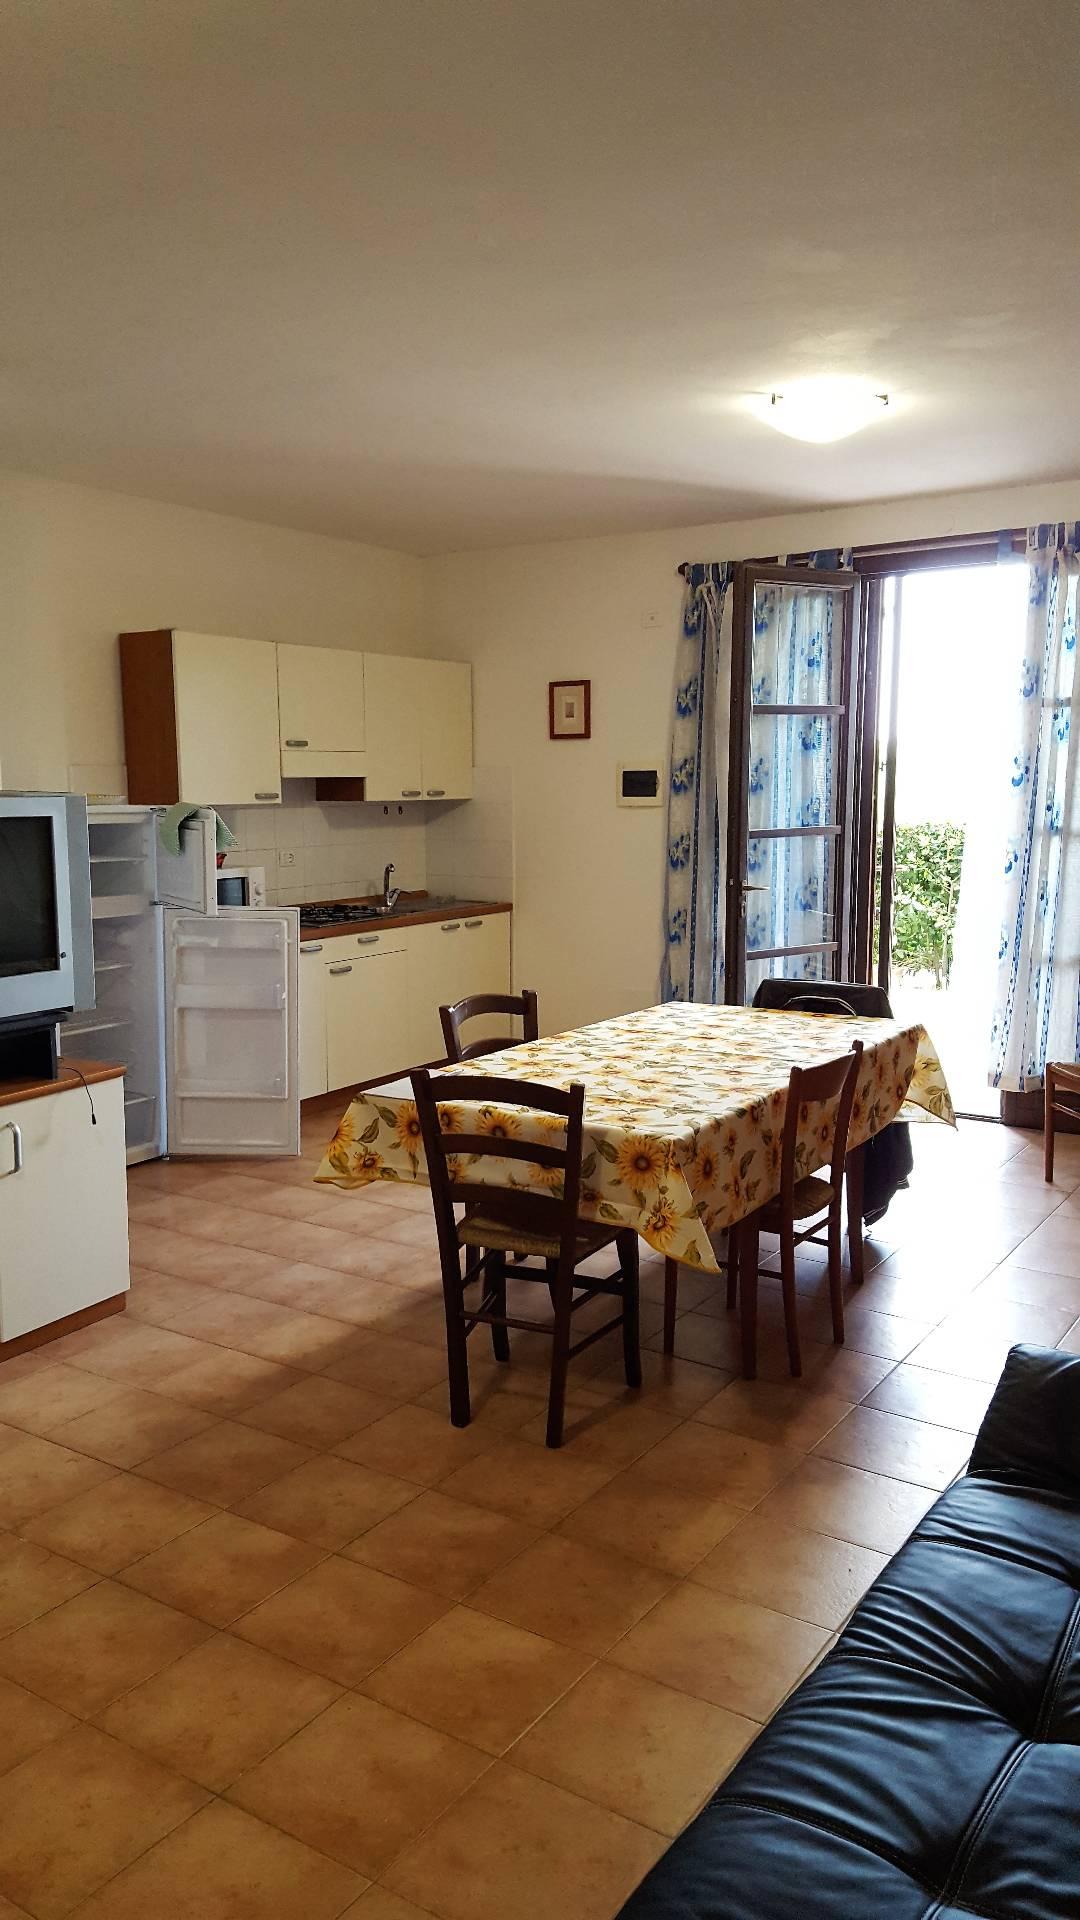 Albergo in vendita a Santa Luce, 2 locali, zona Località: PieveS.aLuce, prezzo € 70.000 | CambioCasa.it